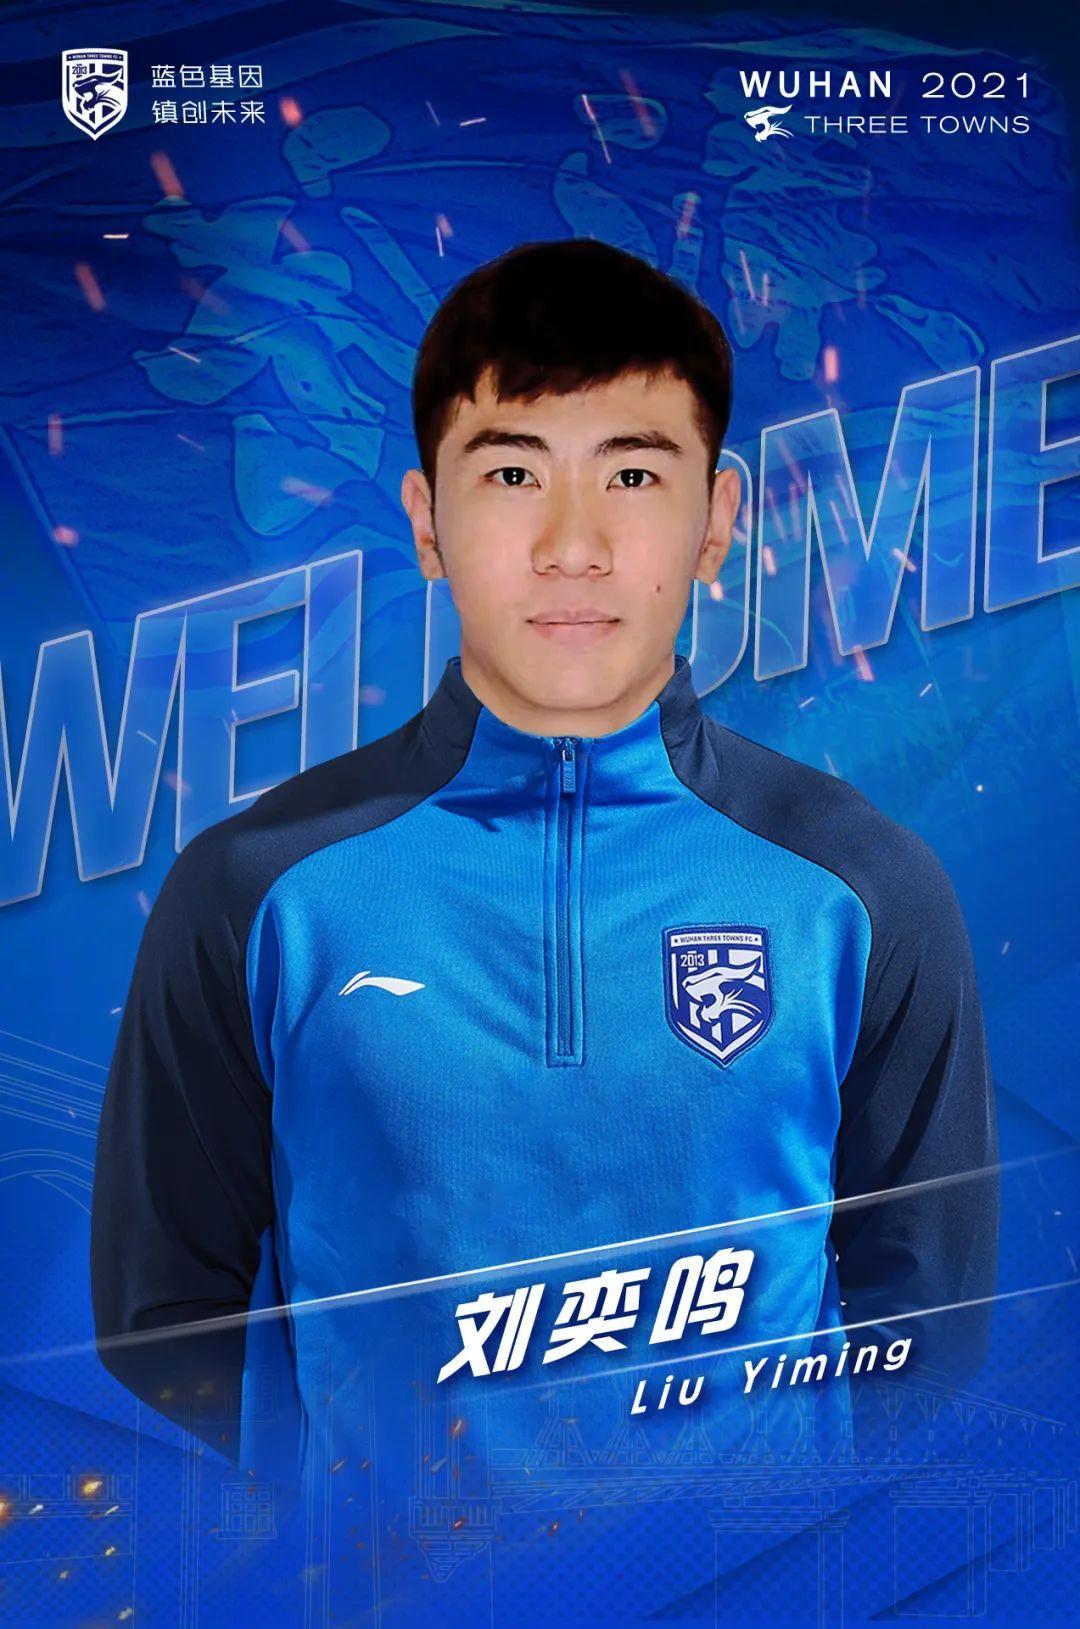 中甲新军武汉三镇新赛季19名新人加入,你满意吗?